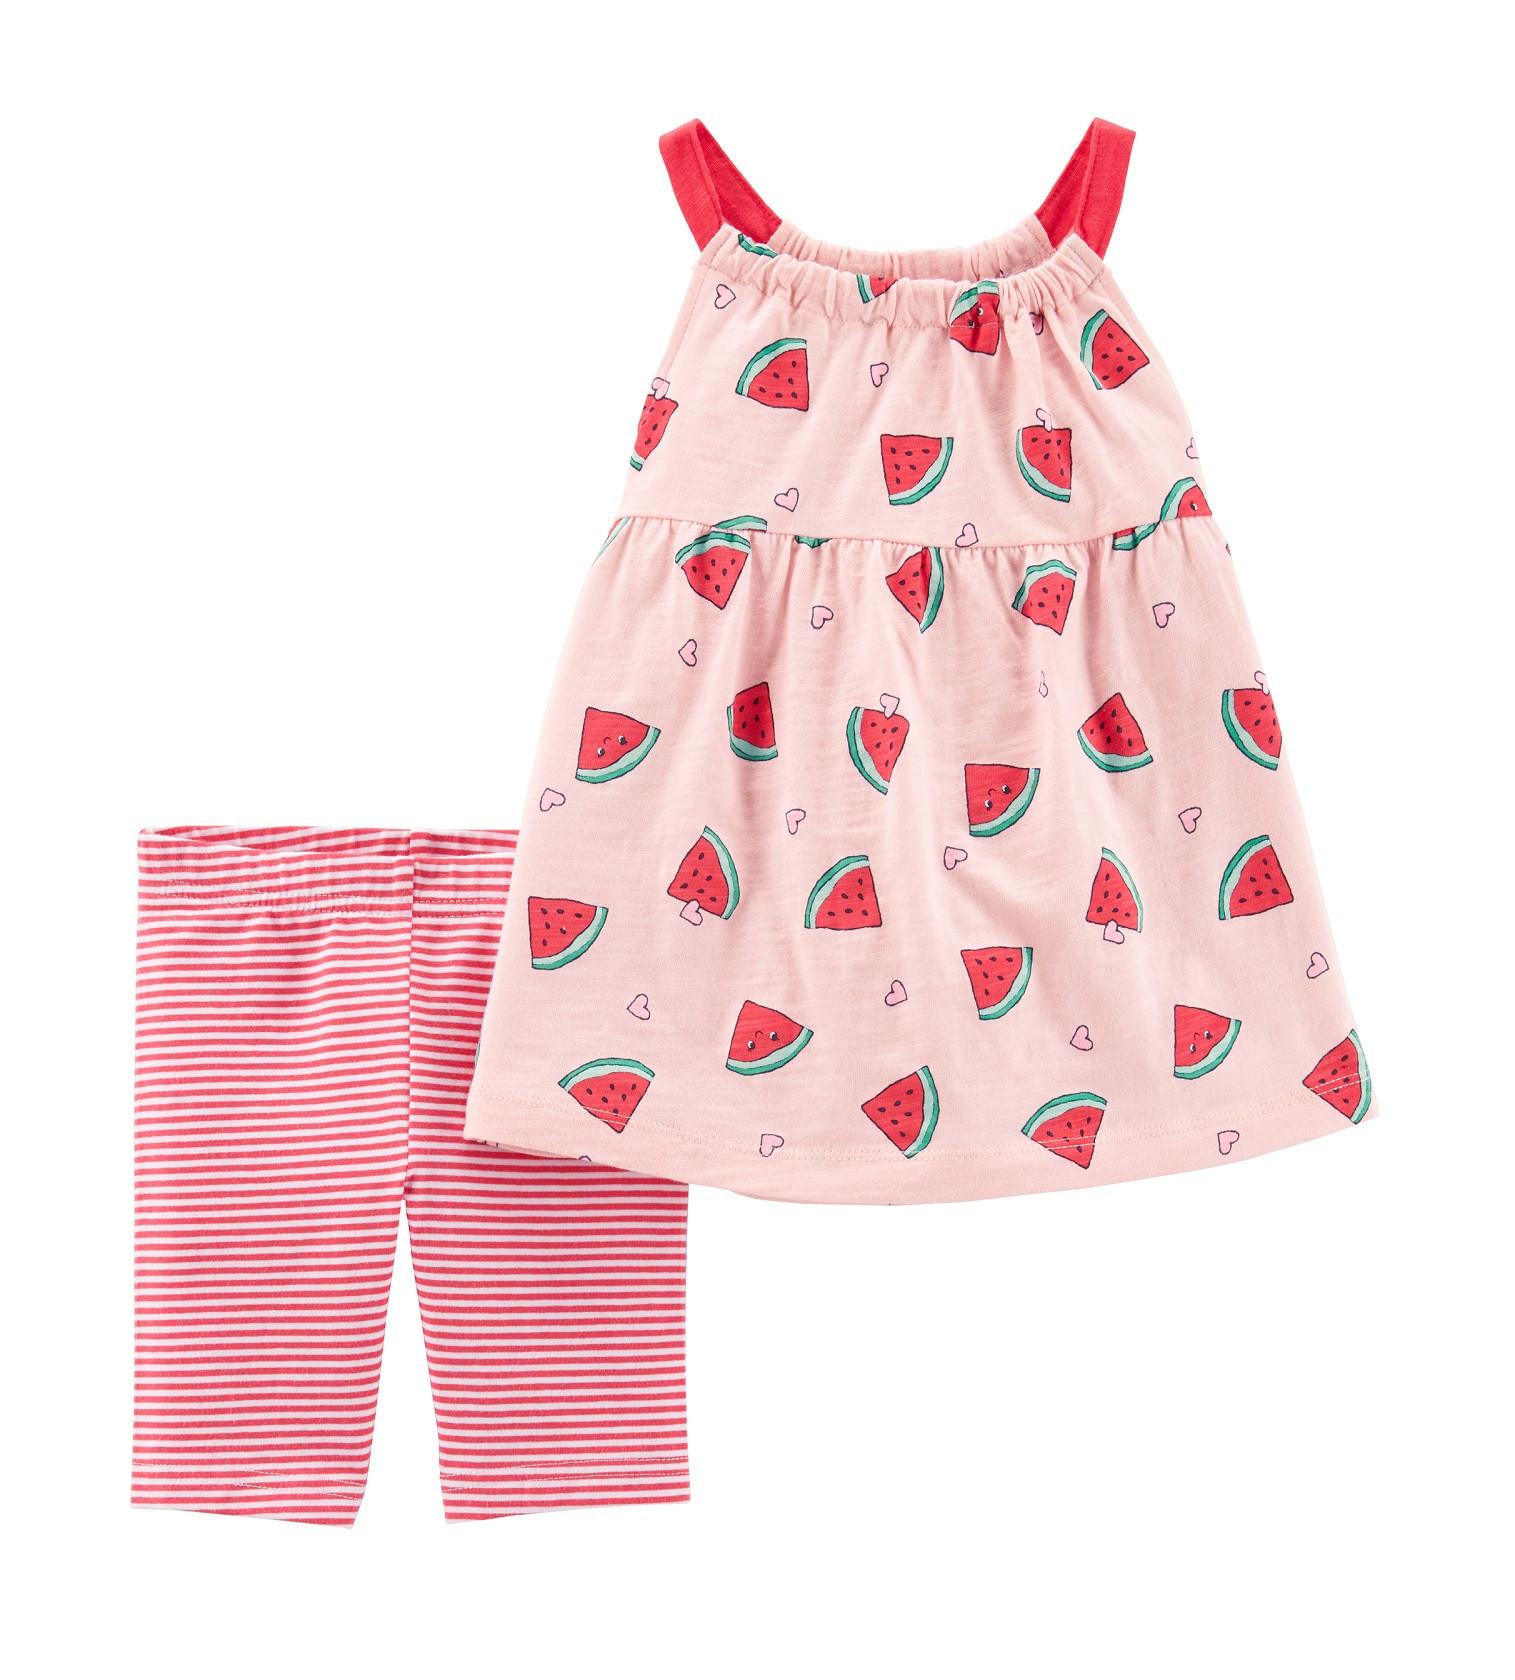 Купити Костюм Carters Watermelon Pink - фото 1